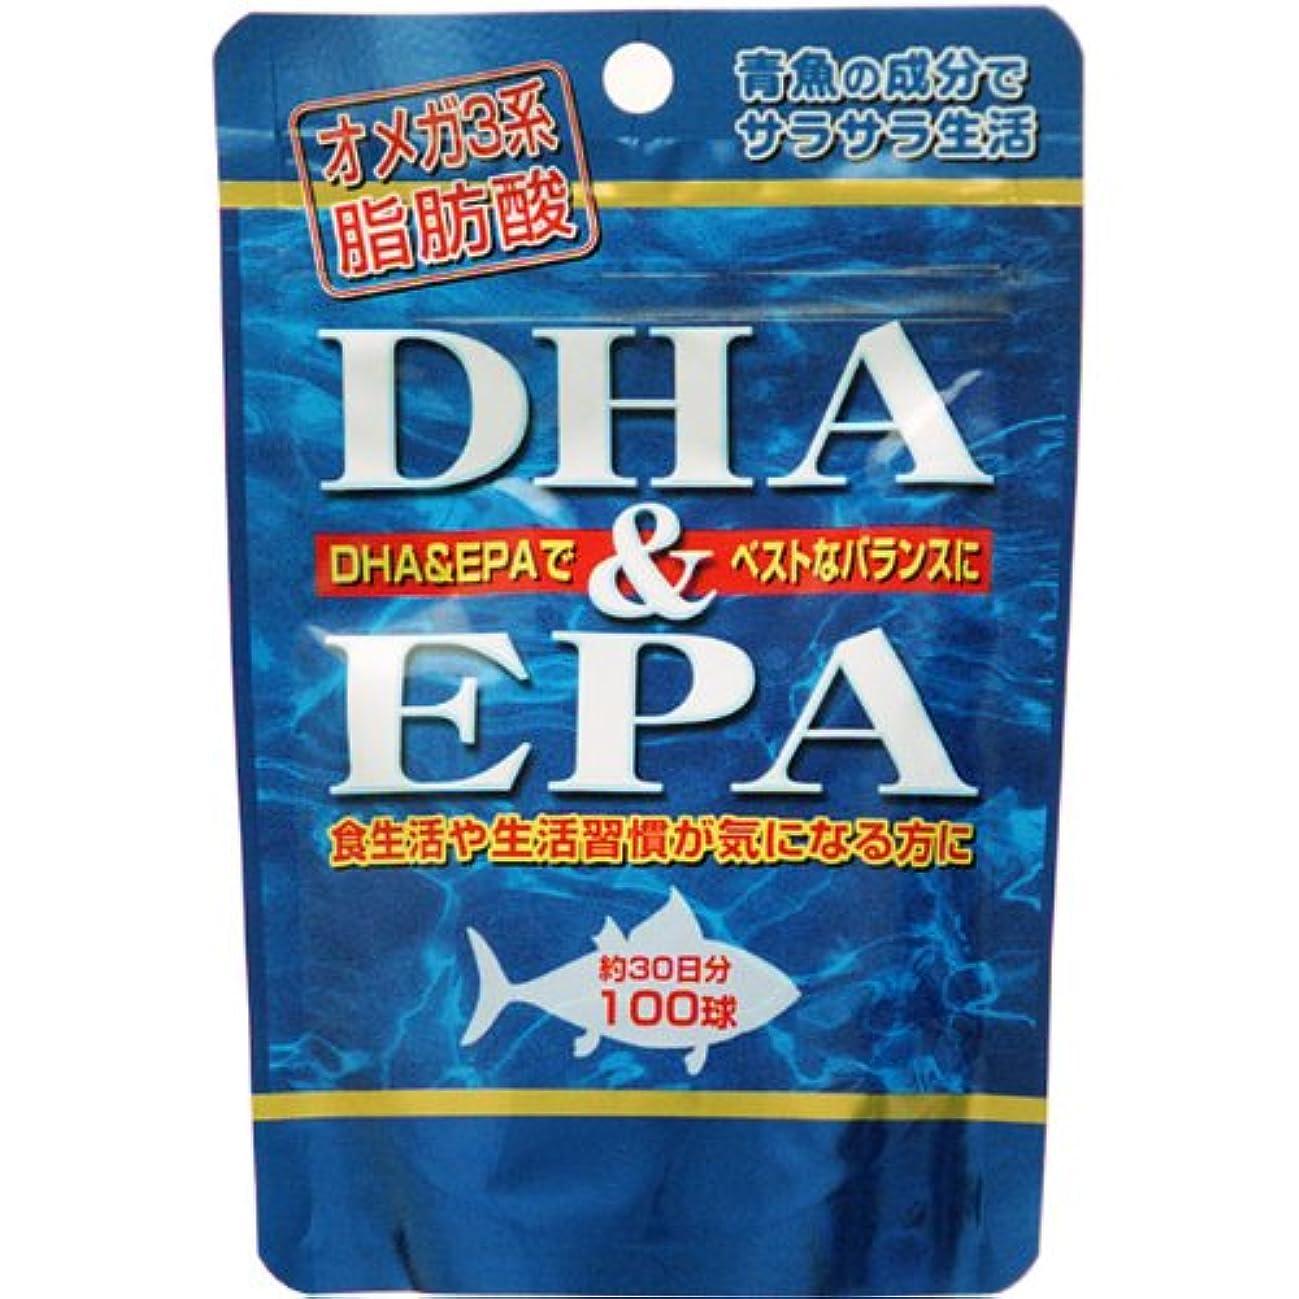 洞窟八アクセシブルDHA(ドコサヘキサエン酸)&EPA(エイコサペンタエン酸)×2